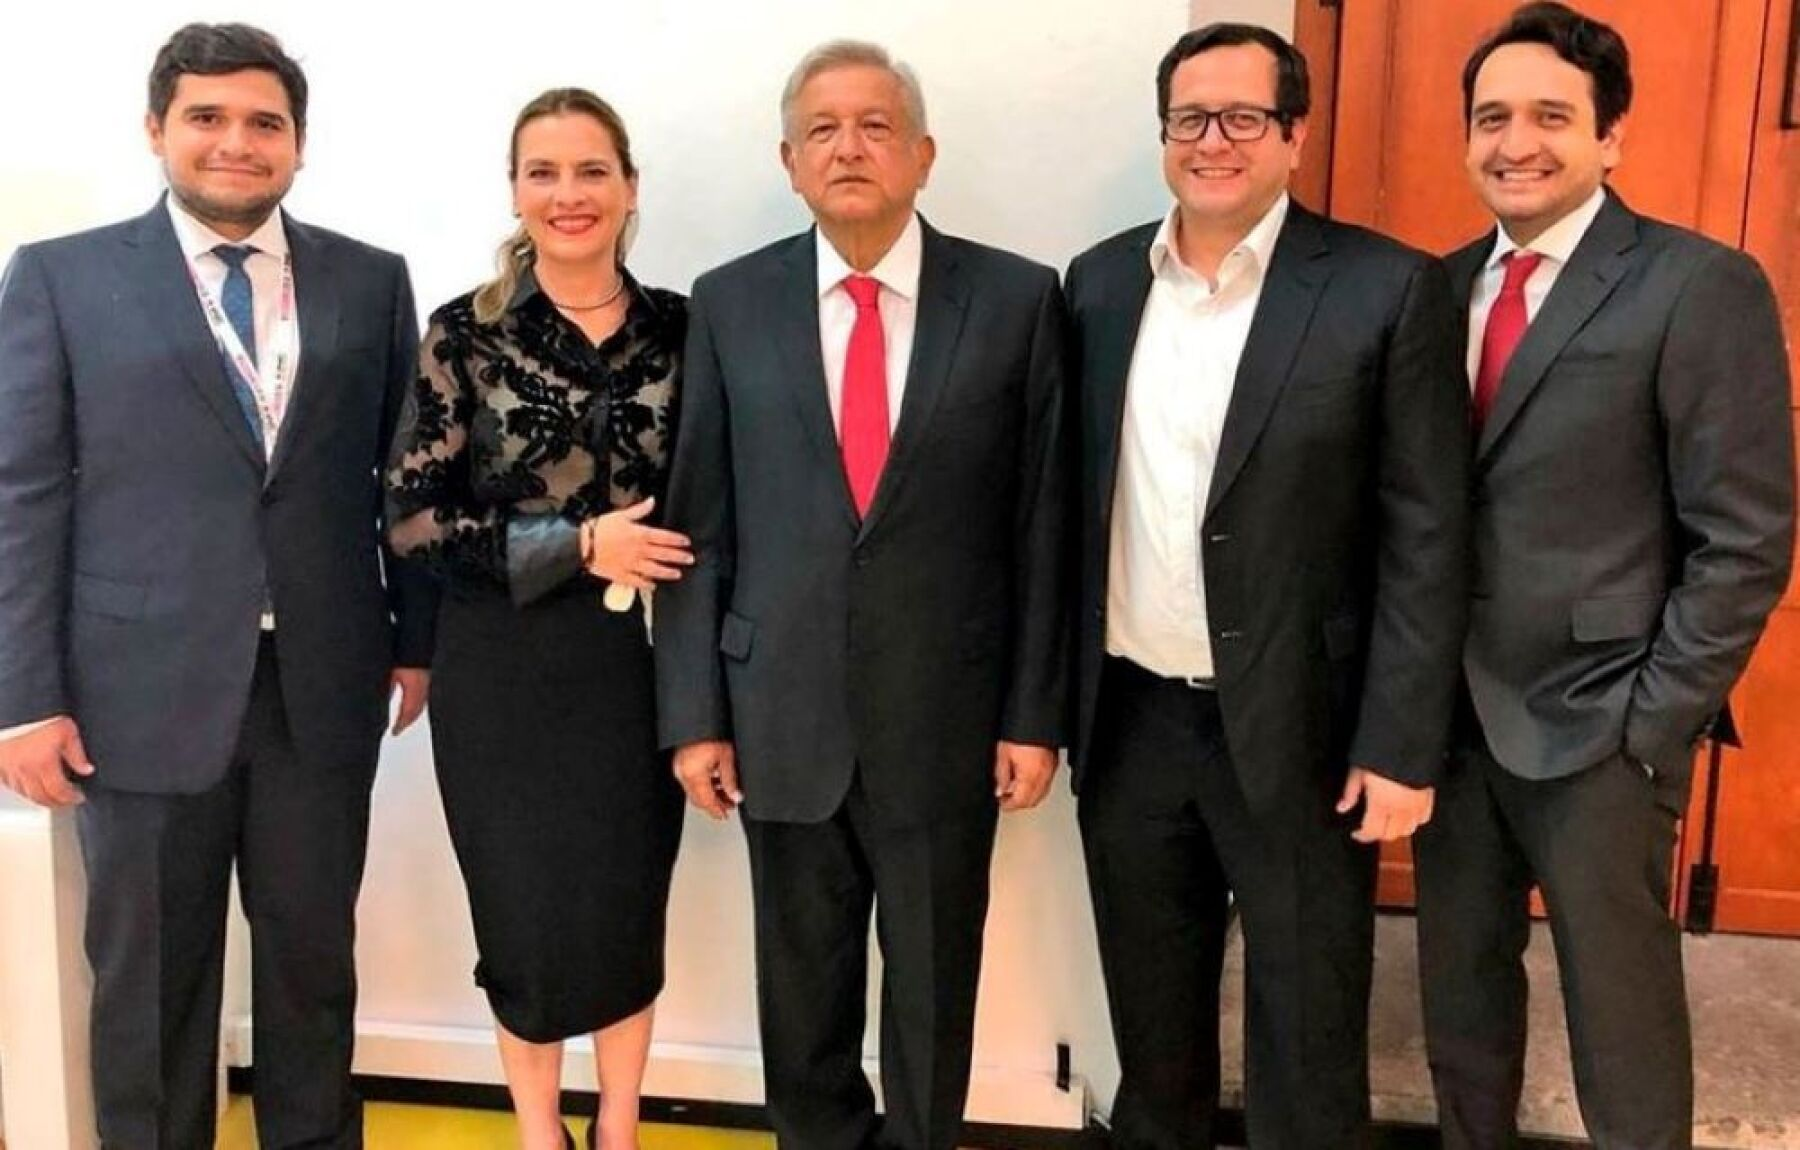 Hijos de Andrés Manuel López Obrador.jpg